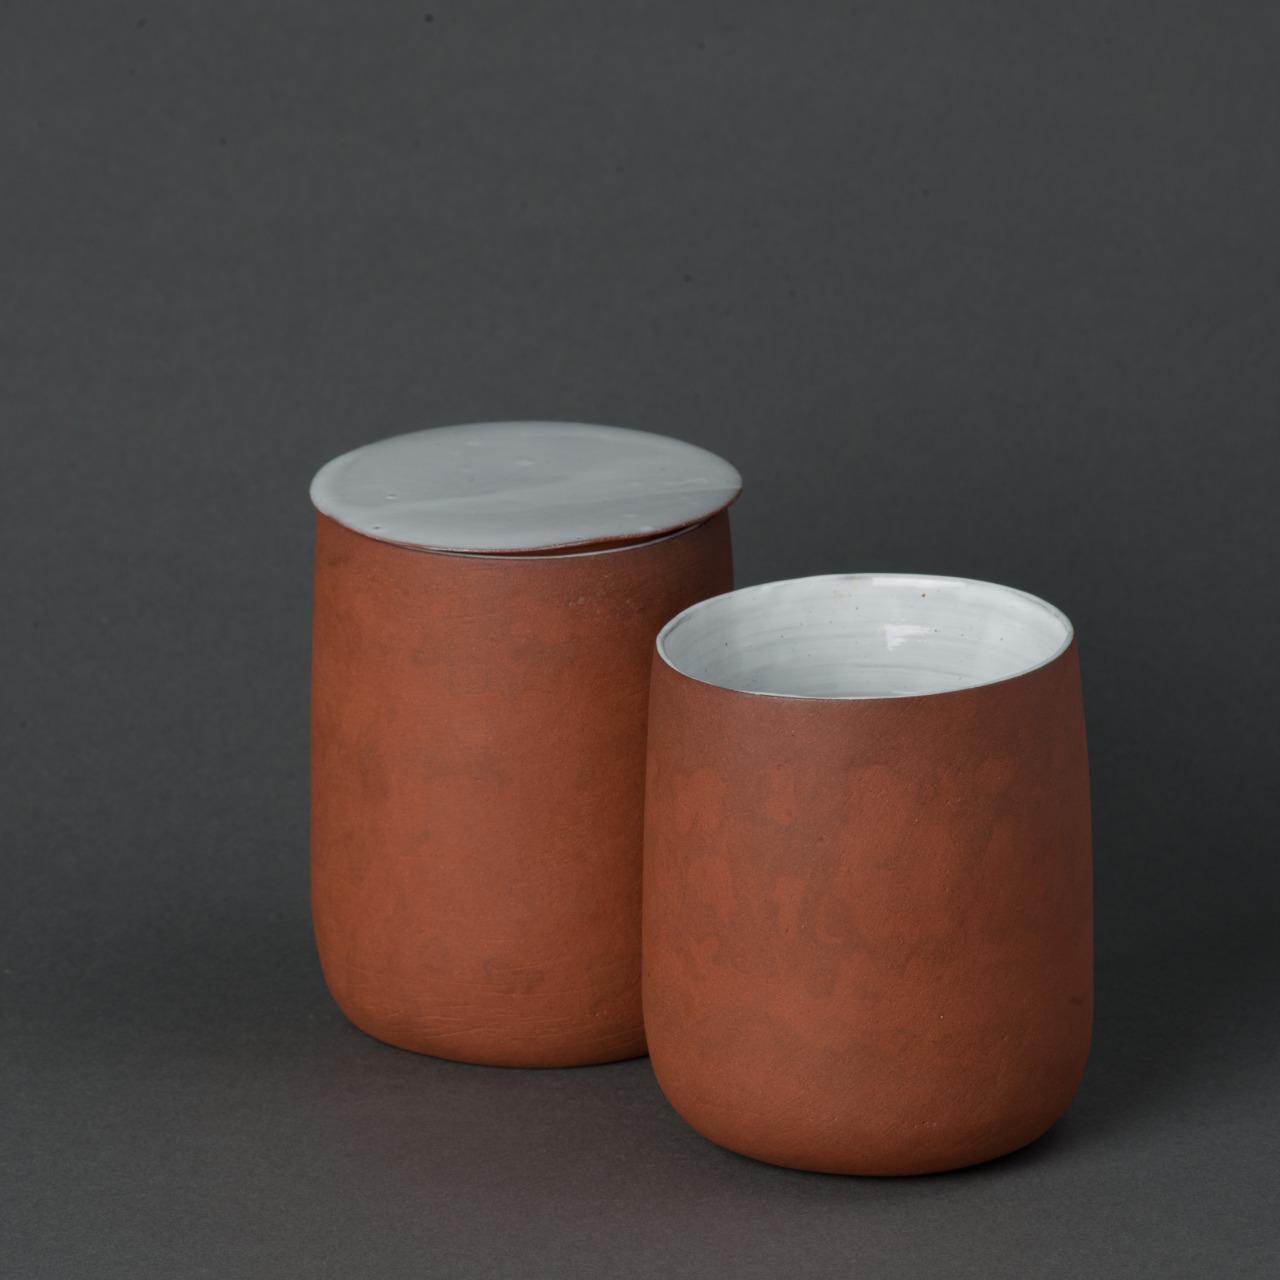 gobelets à double paroi et couvercle, 2016